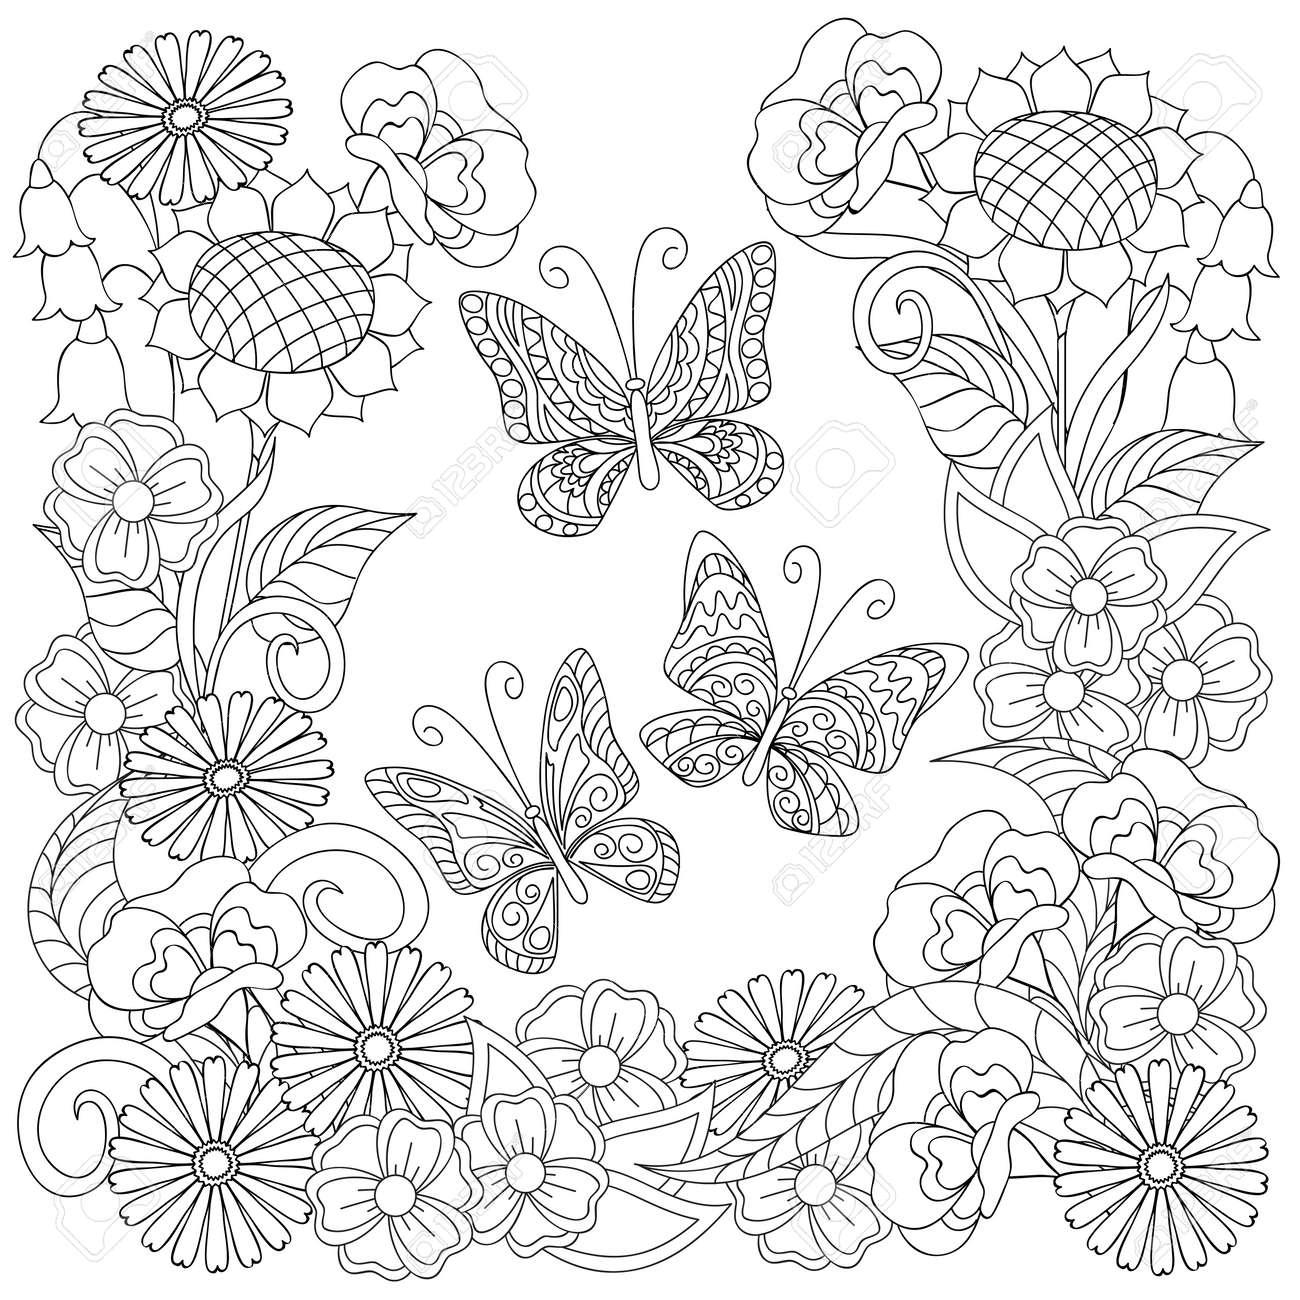 Dibujado A Mano Decorado Tres Mariposas Y Flores En Estilo étnico Aislado En Blanco Imagen Para Adultos Y Niños Antiestrés Libro De Colorear Decorar